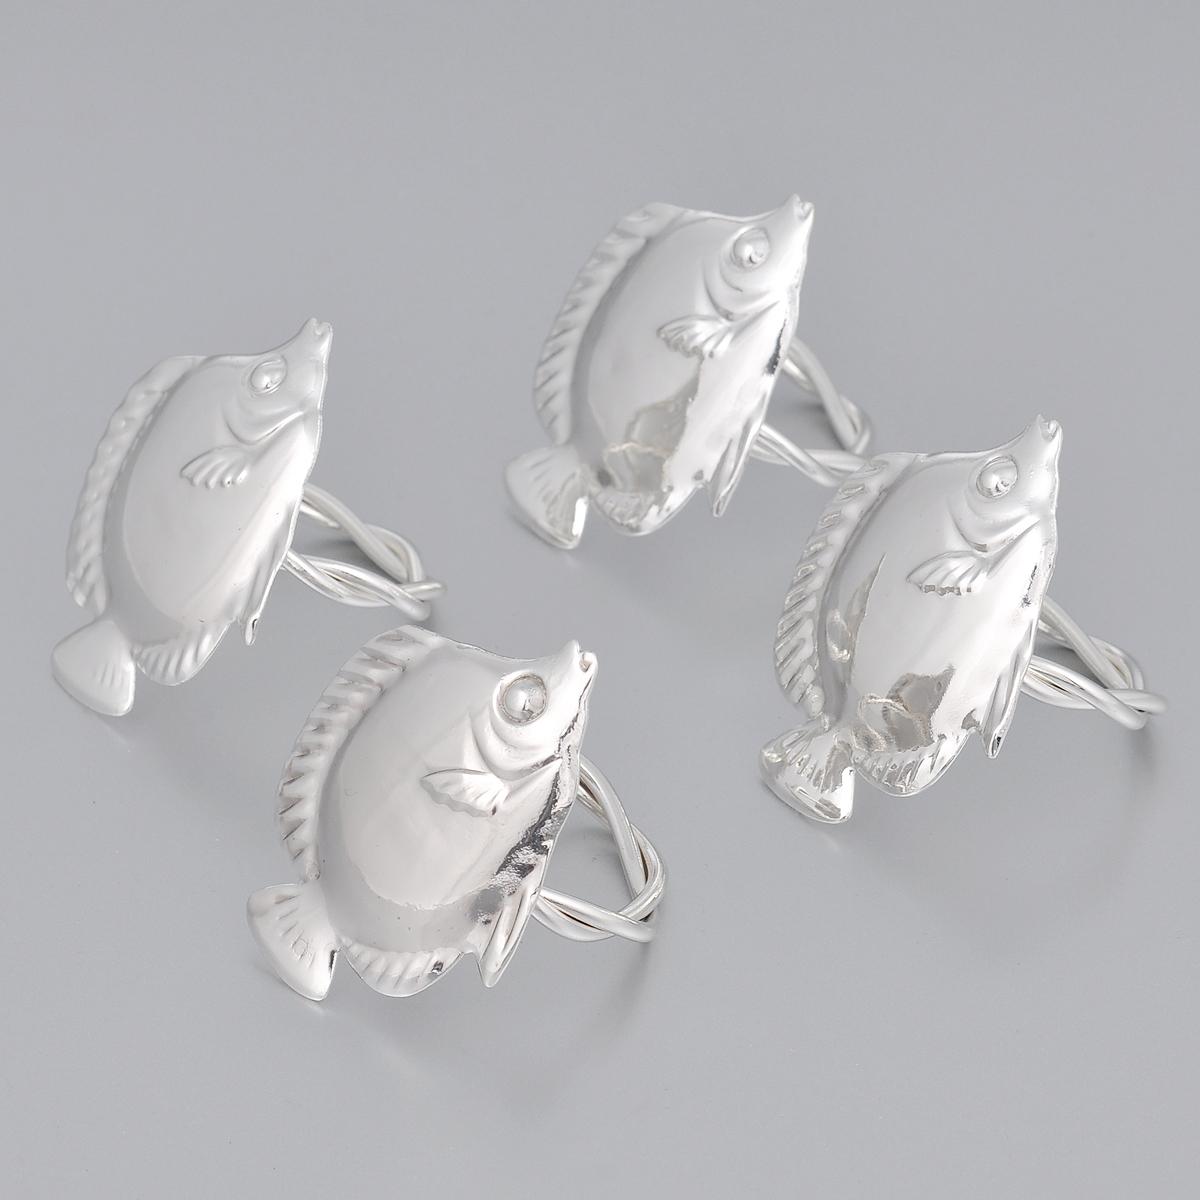 Набор колец для салфеток Marquis Рыбки, 4 шт3057-MRНабор Marquis Рыбки состоит из четырех оригинальных колец для салфеток, выполненных с простотой и изяществом. Кольца изготовлены из стали с серебряно-никелевым покрытием и украшены фигурками в виде рыбки. Набор станет замечательной деталью сервировки и великолепным украшением праздничного стола. Диаметр кольца: 4,5 см. Размер декоративной части: 6,5 см х 5 см.